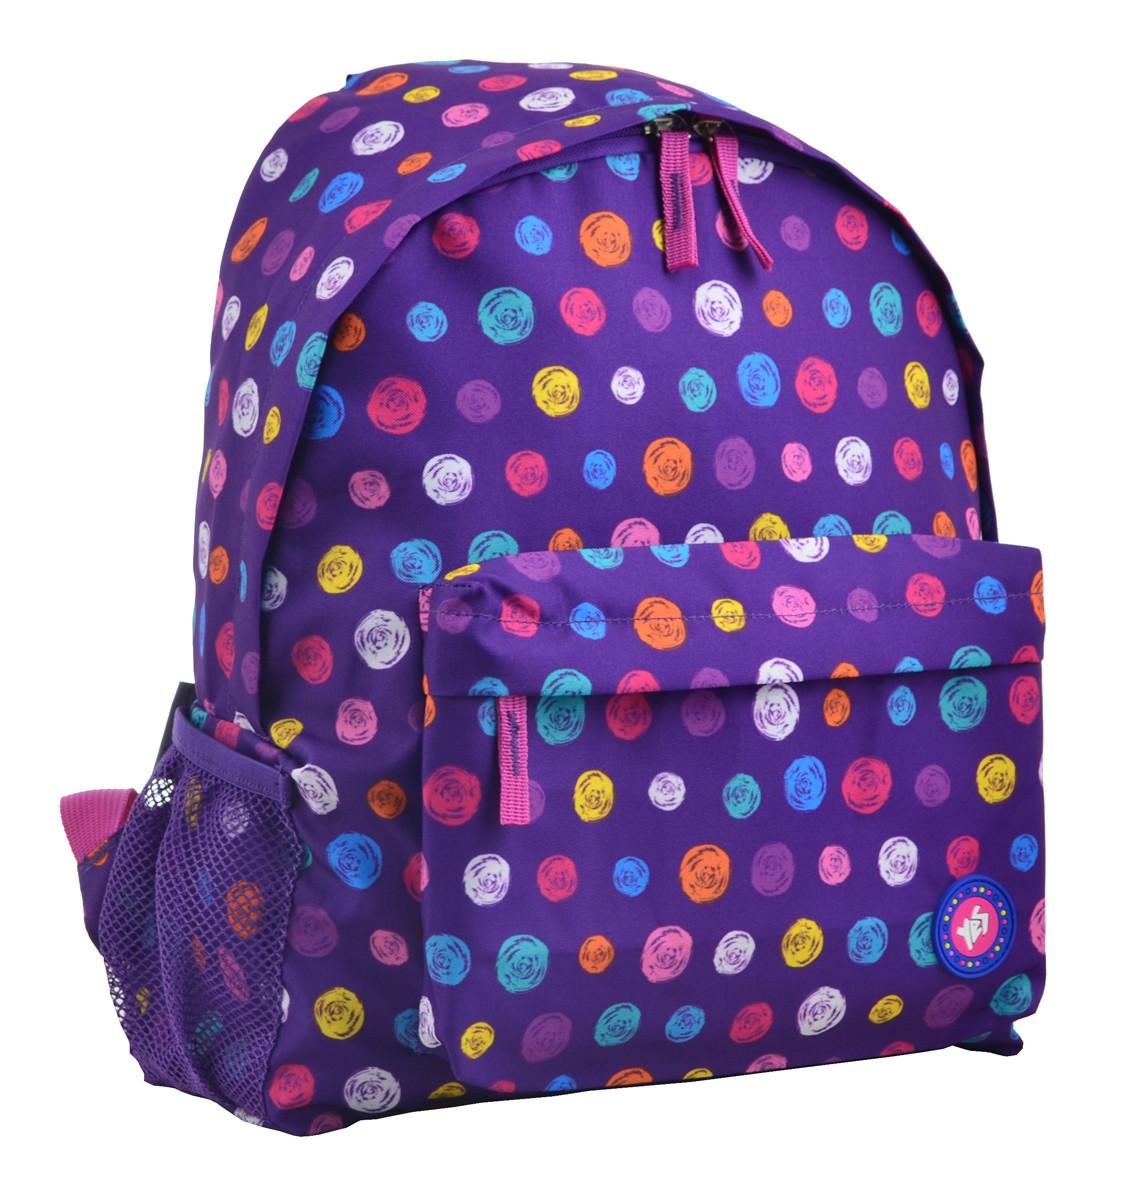 Рюкзак підлітковий ST-33 Pumpy, 35*29*15.5